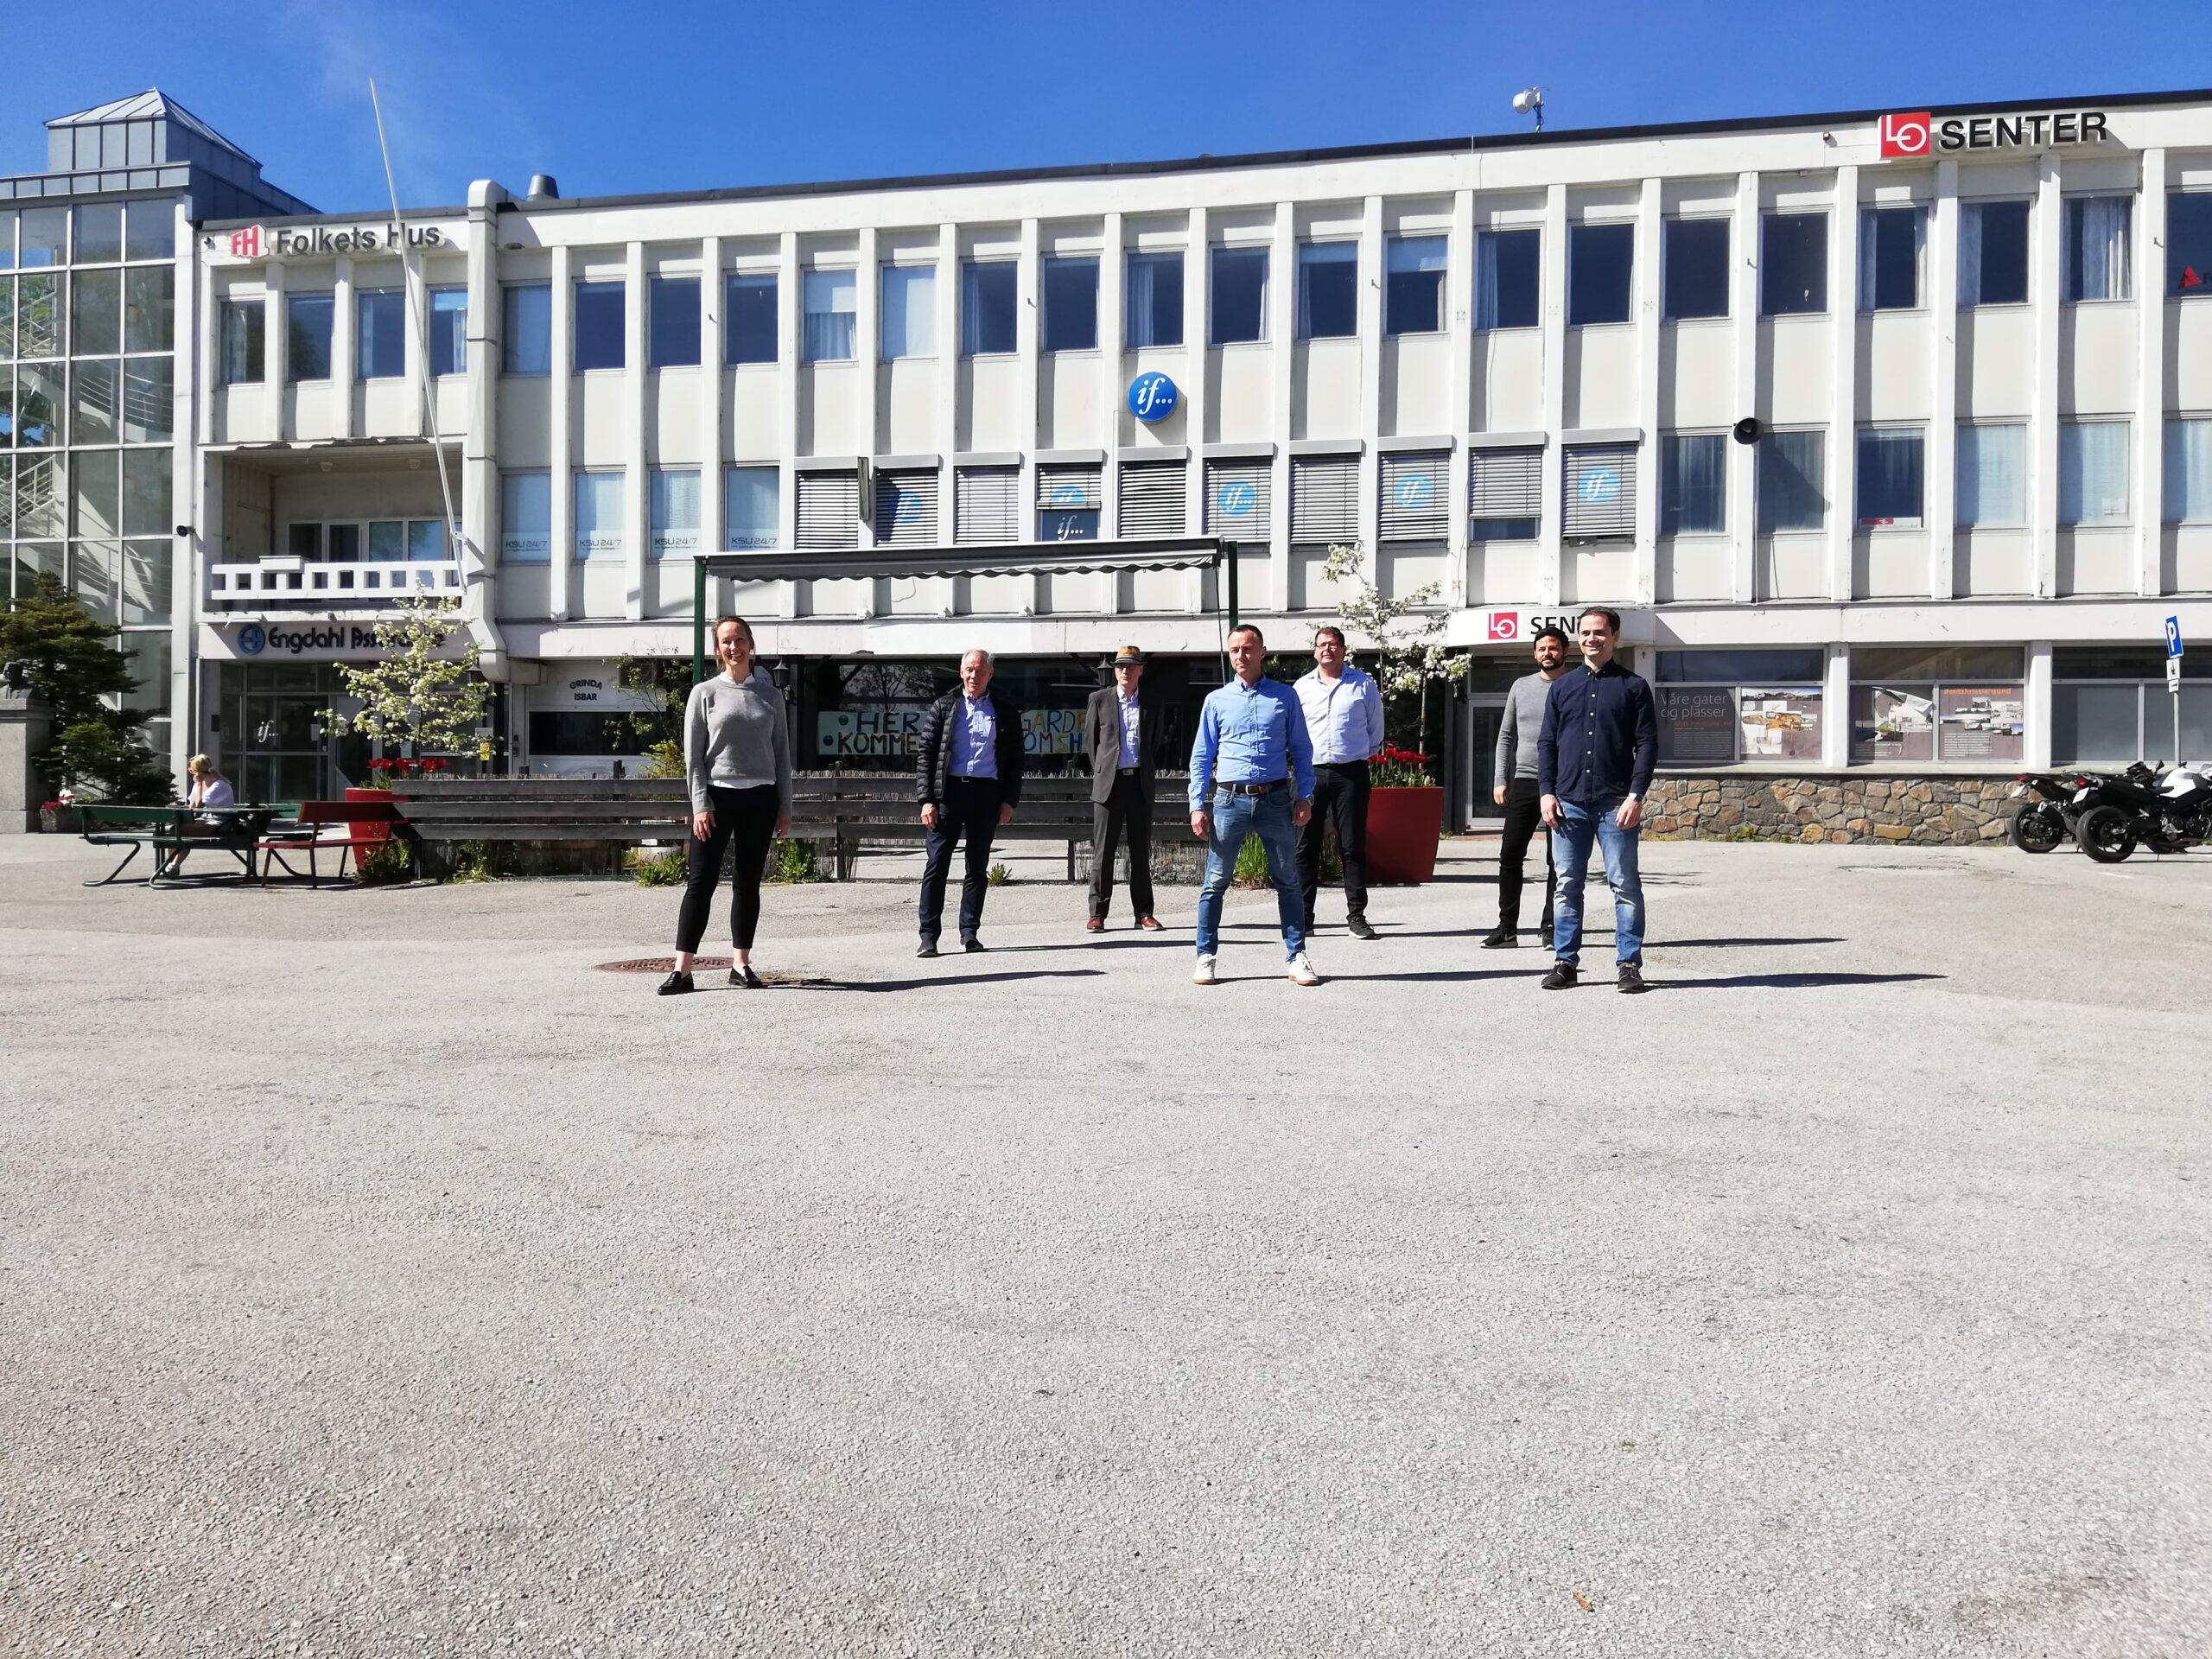 7 mennesker ute i solen